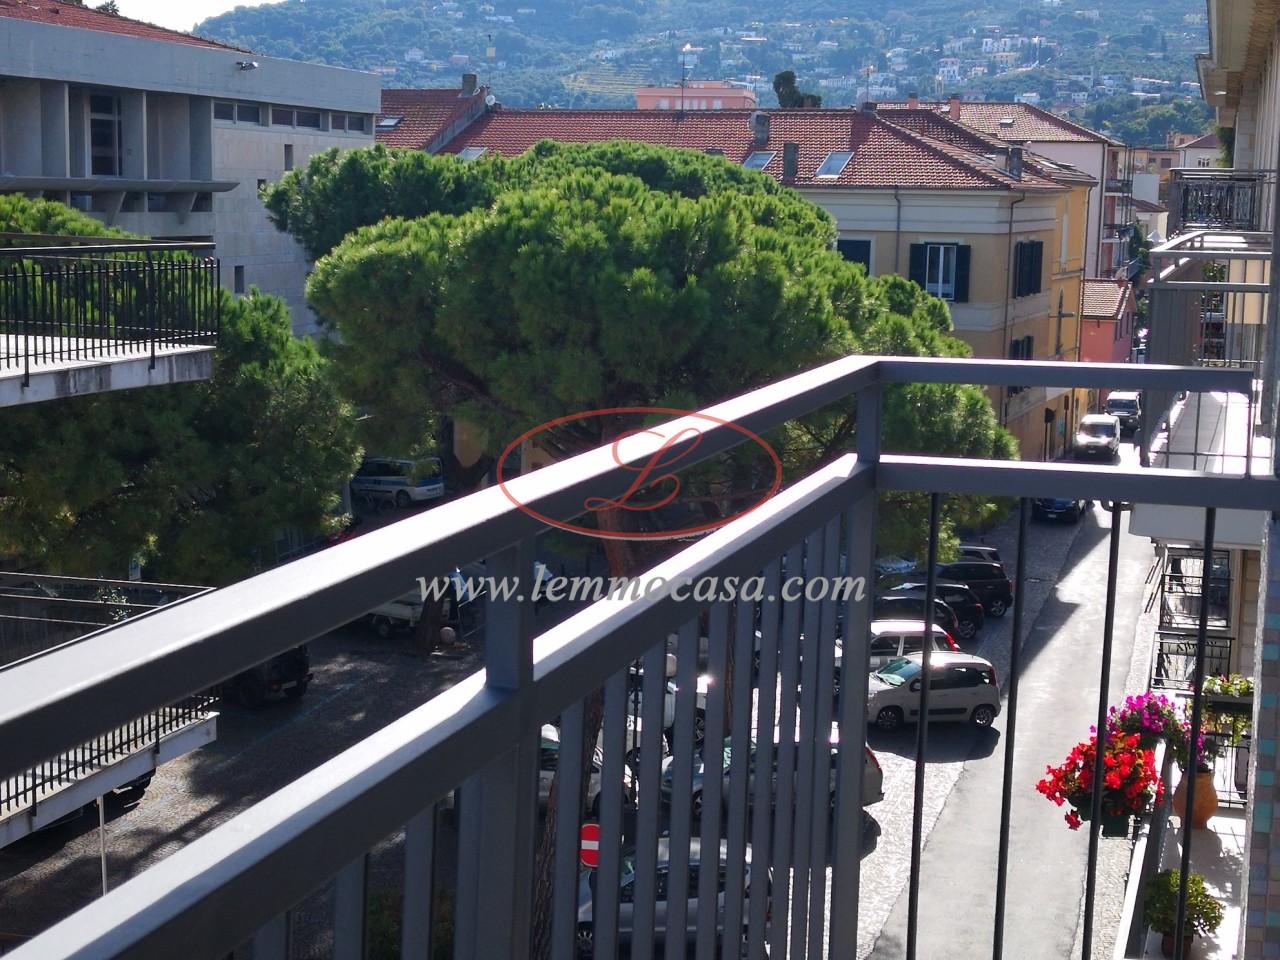 Appartamento in vendita a Diano Marina, 2 locali, prezzo € 240.000 | PortaleAgenzieImmobiliari.it